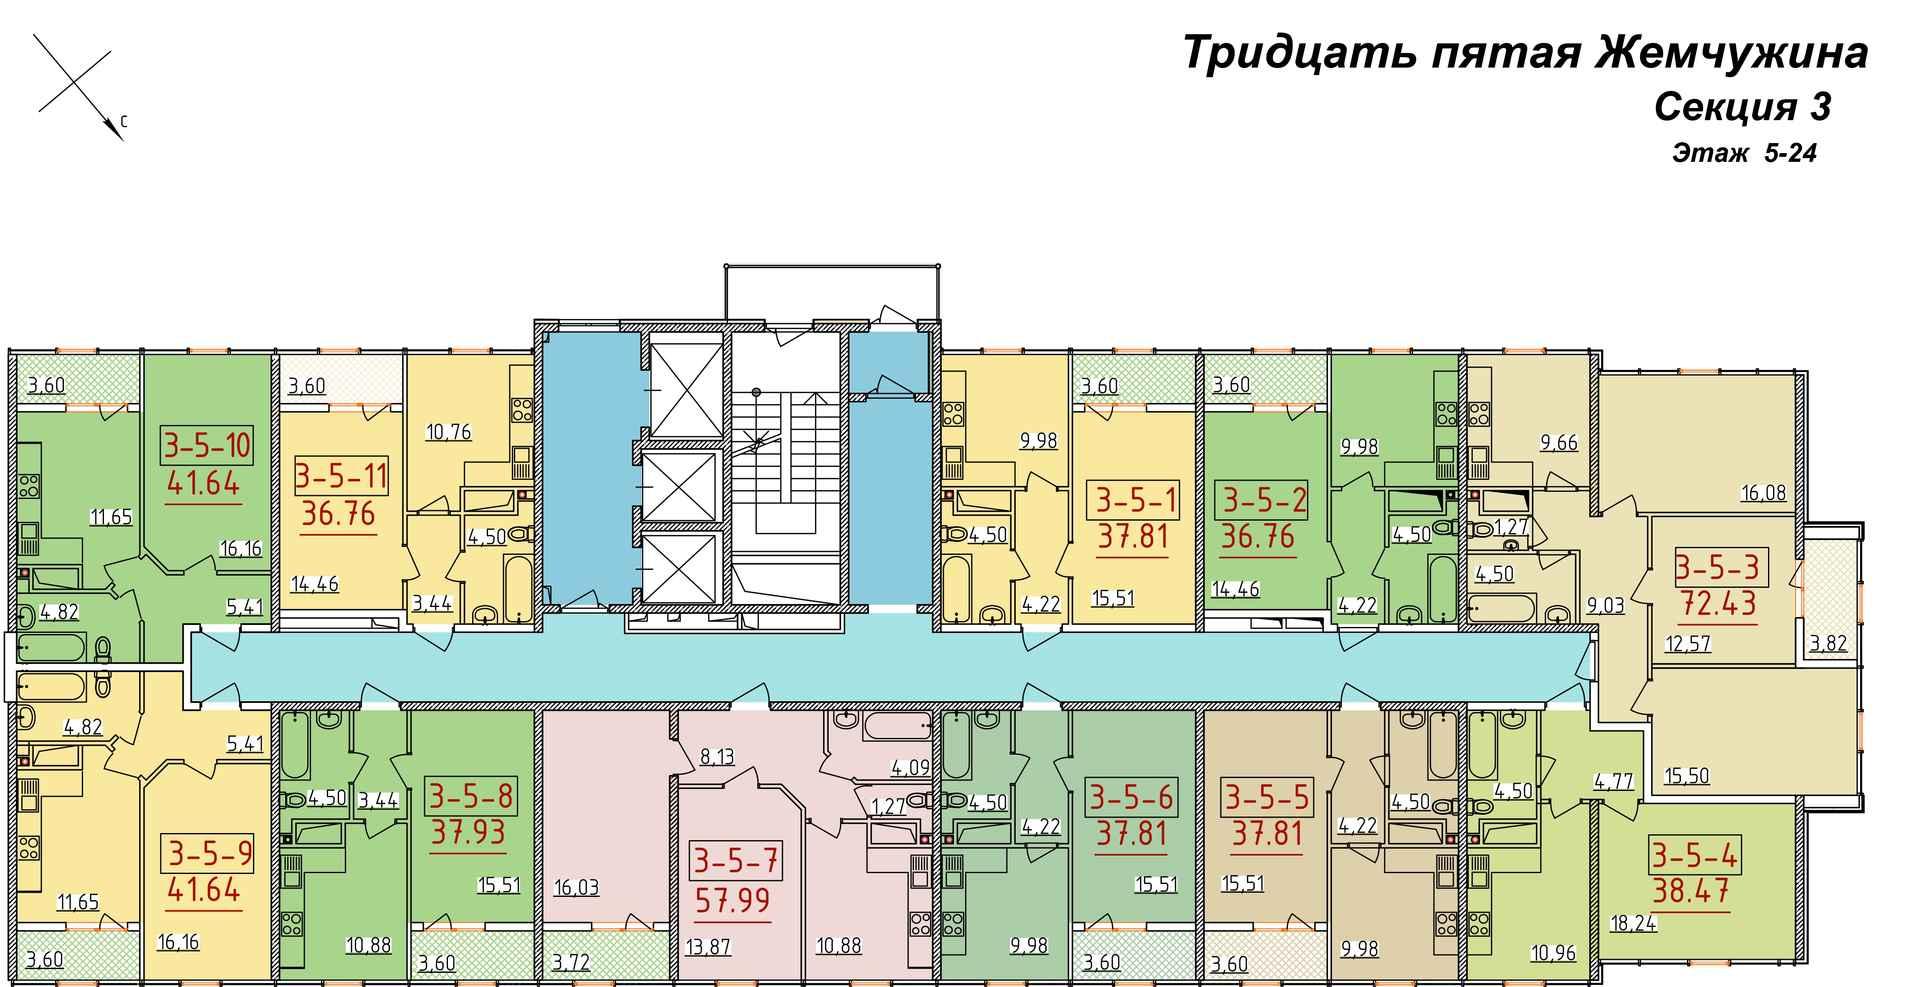 34 Жемчужина Планировка этажа Секция 3 Этаж 5-24